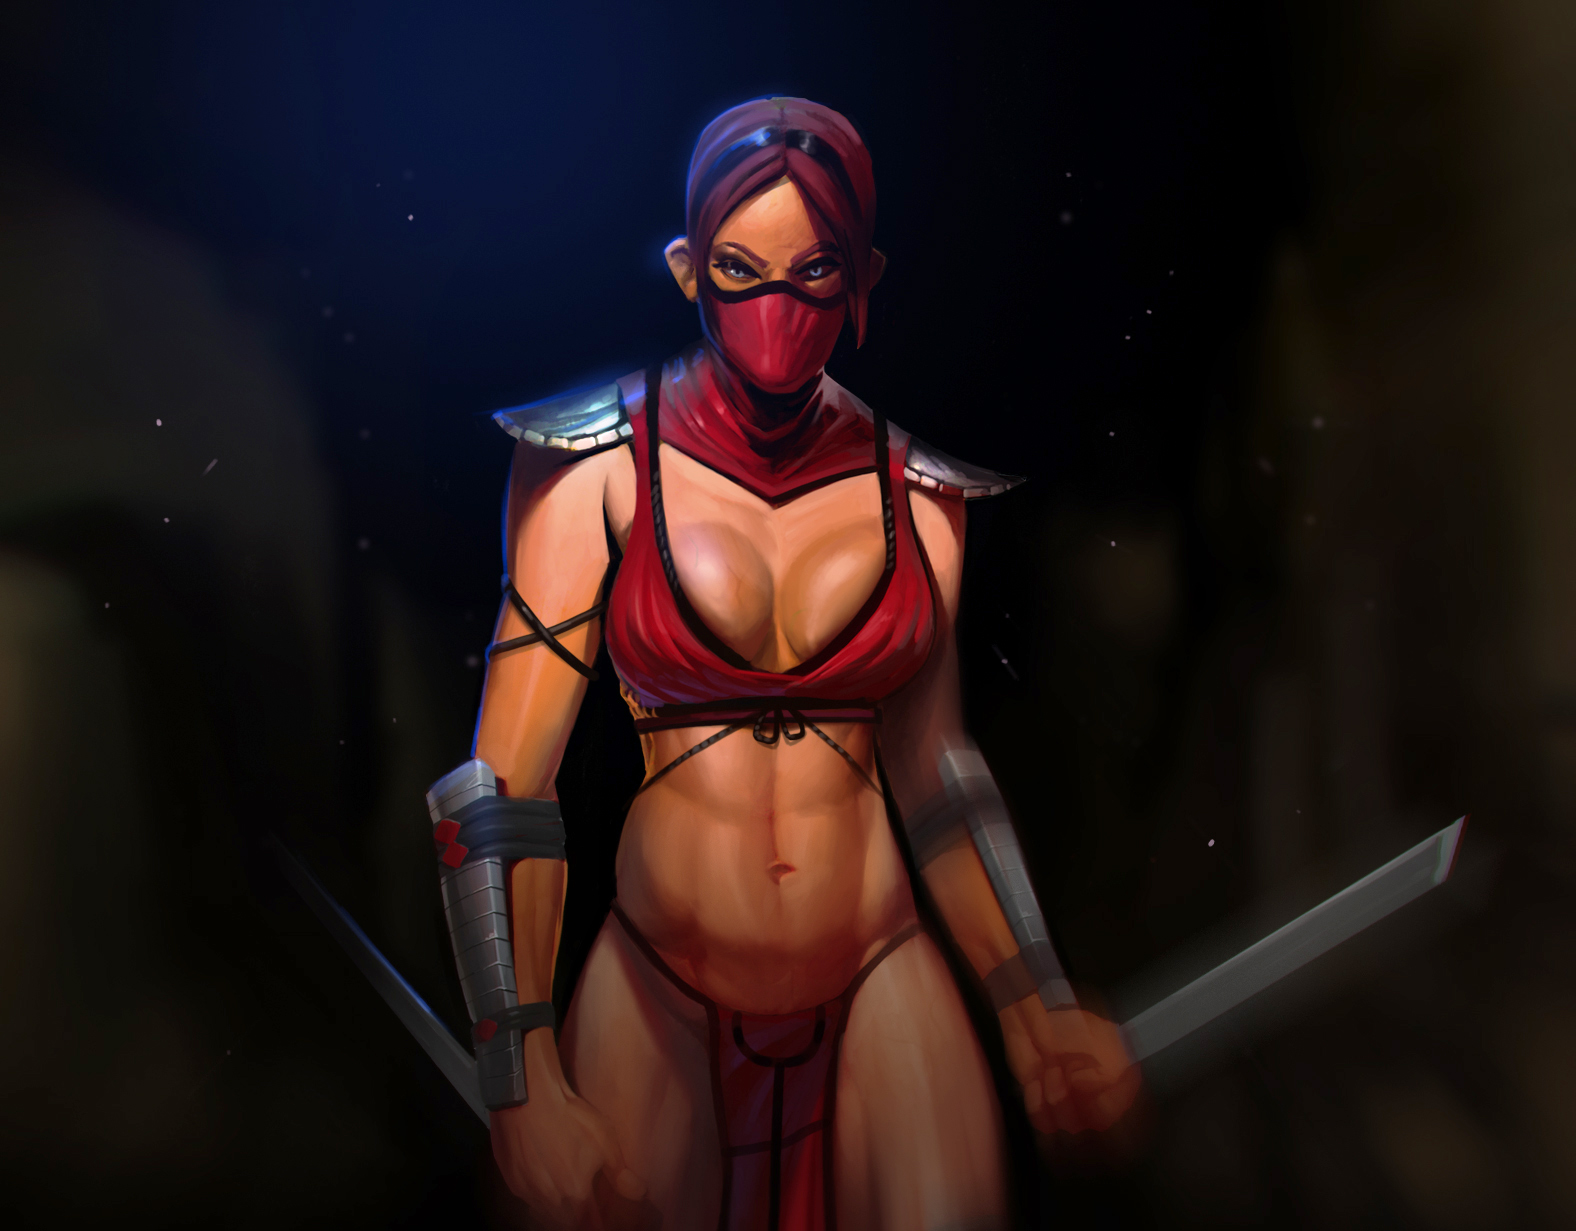 Mortal kombat skarlet naked nackt pic